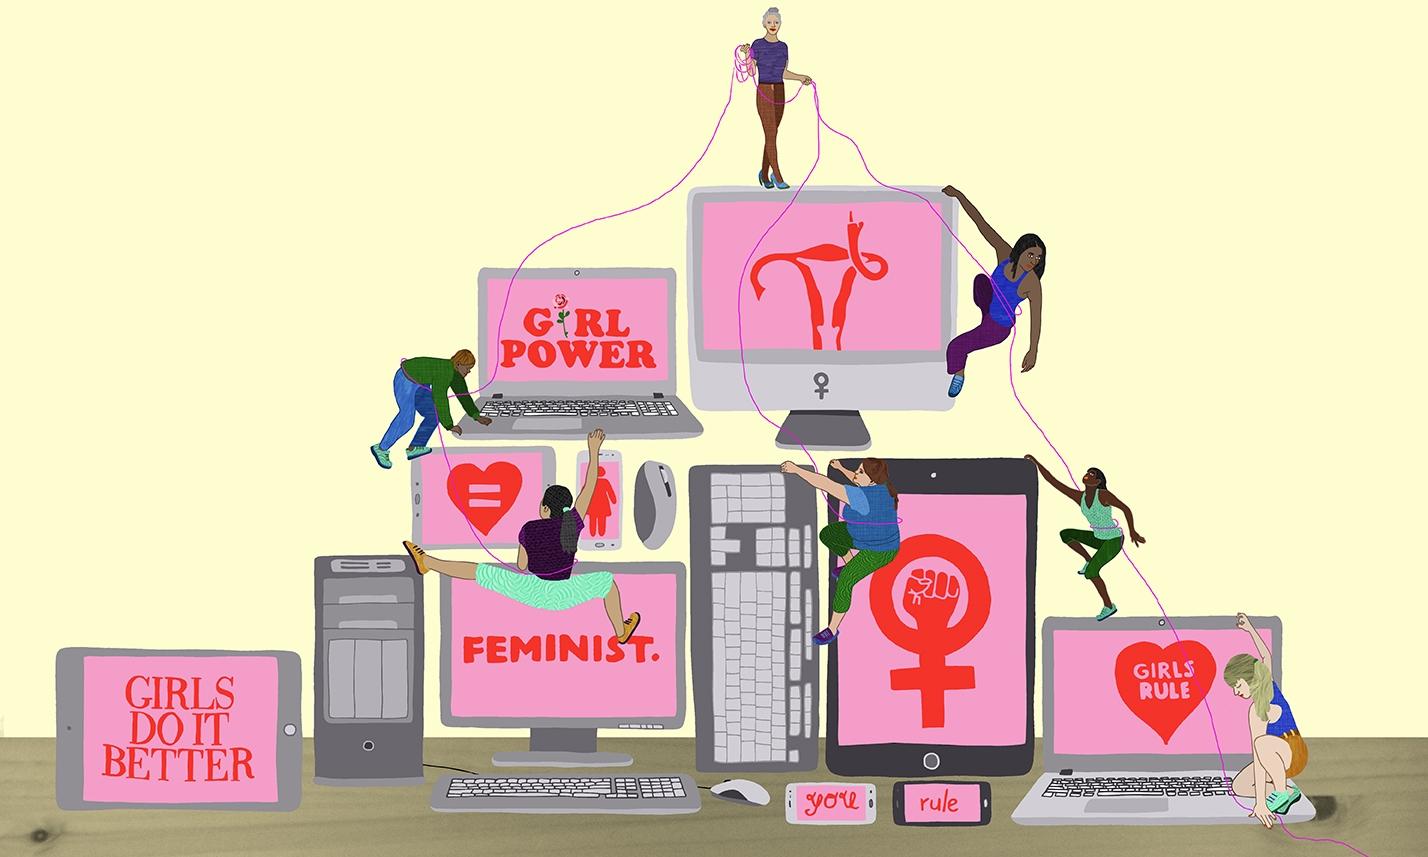 Modern feminist technology spre - ellis__d | ello